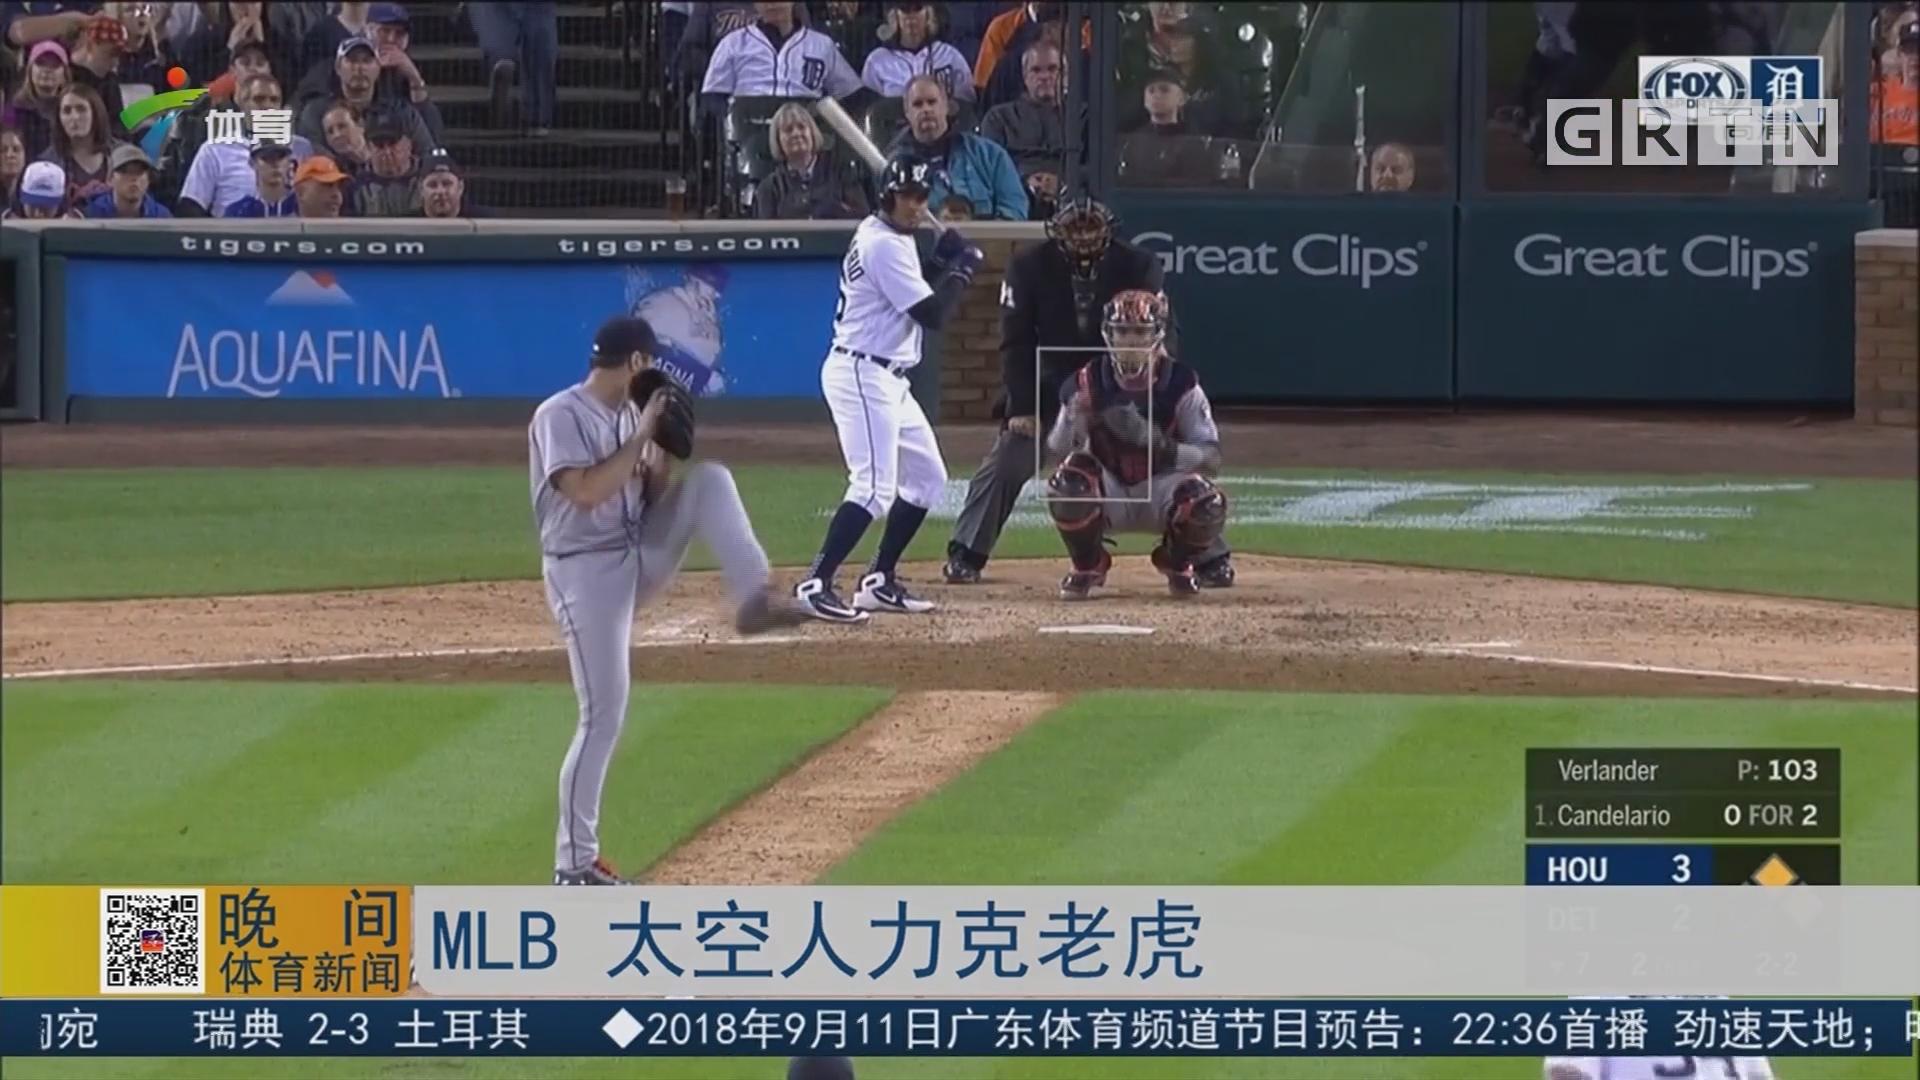 MLB 太空人力克老虎